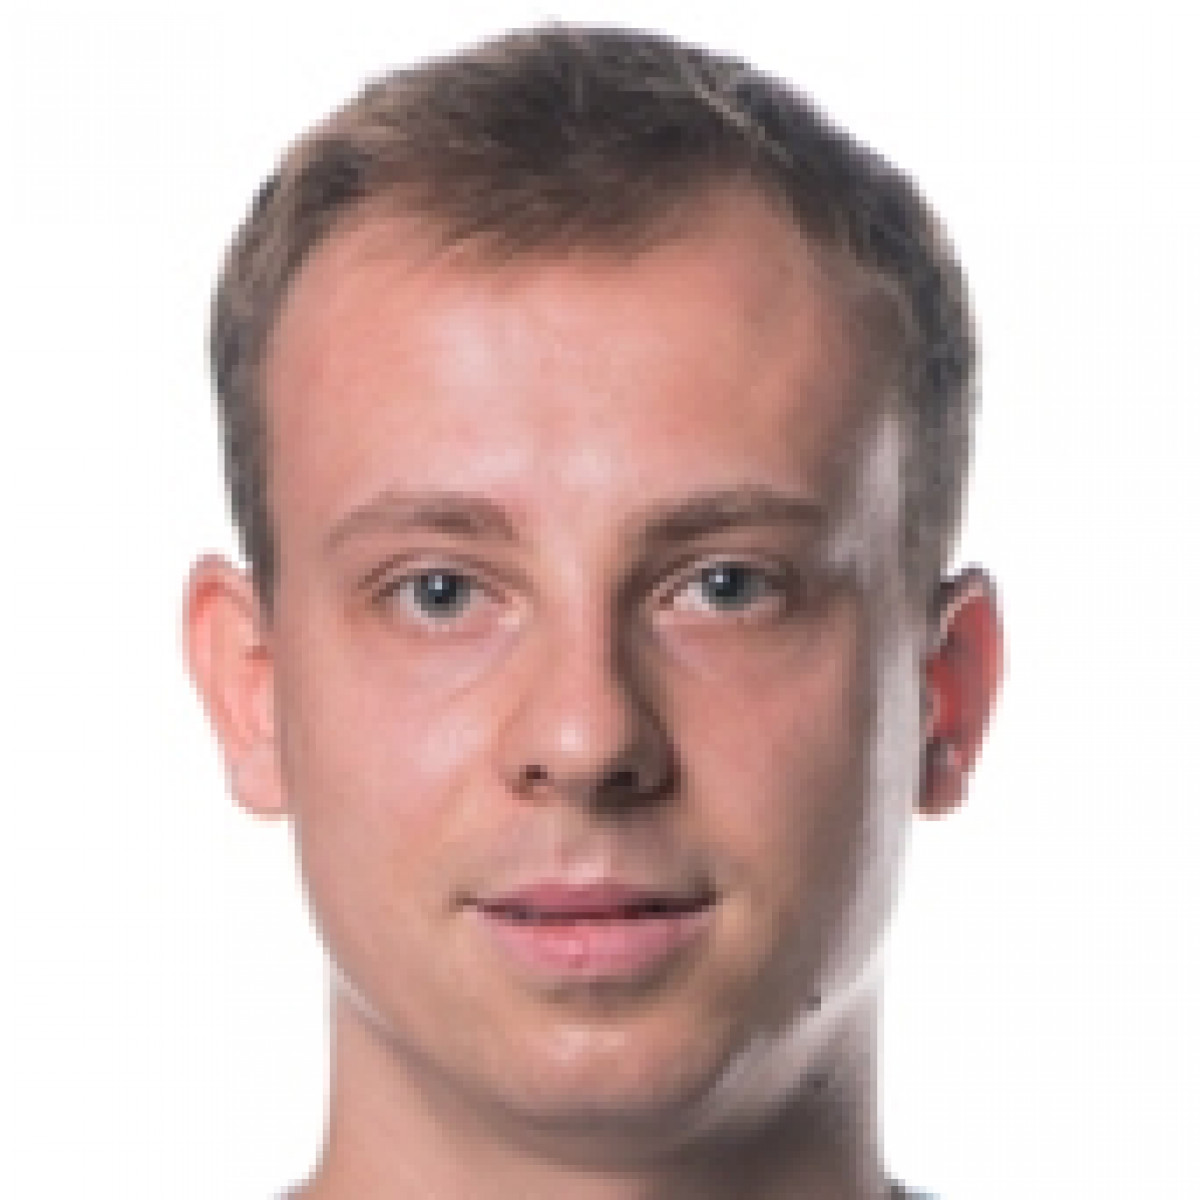 Bartosz Wluczynski